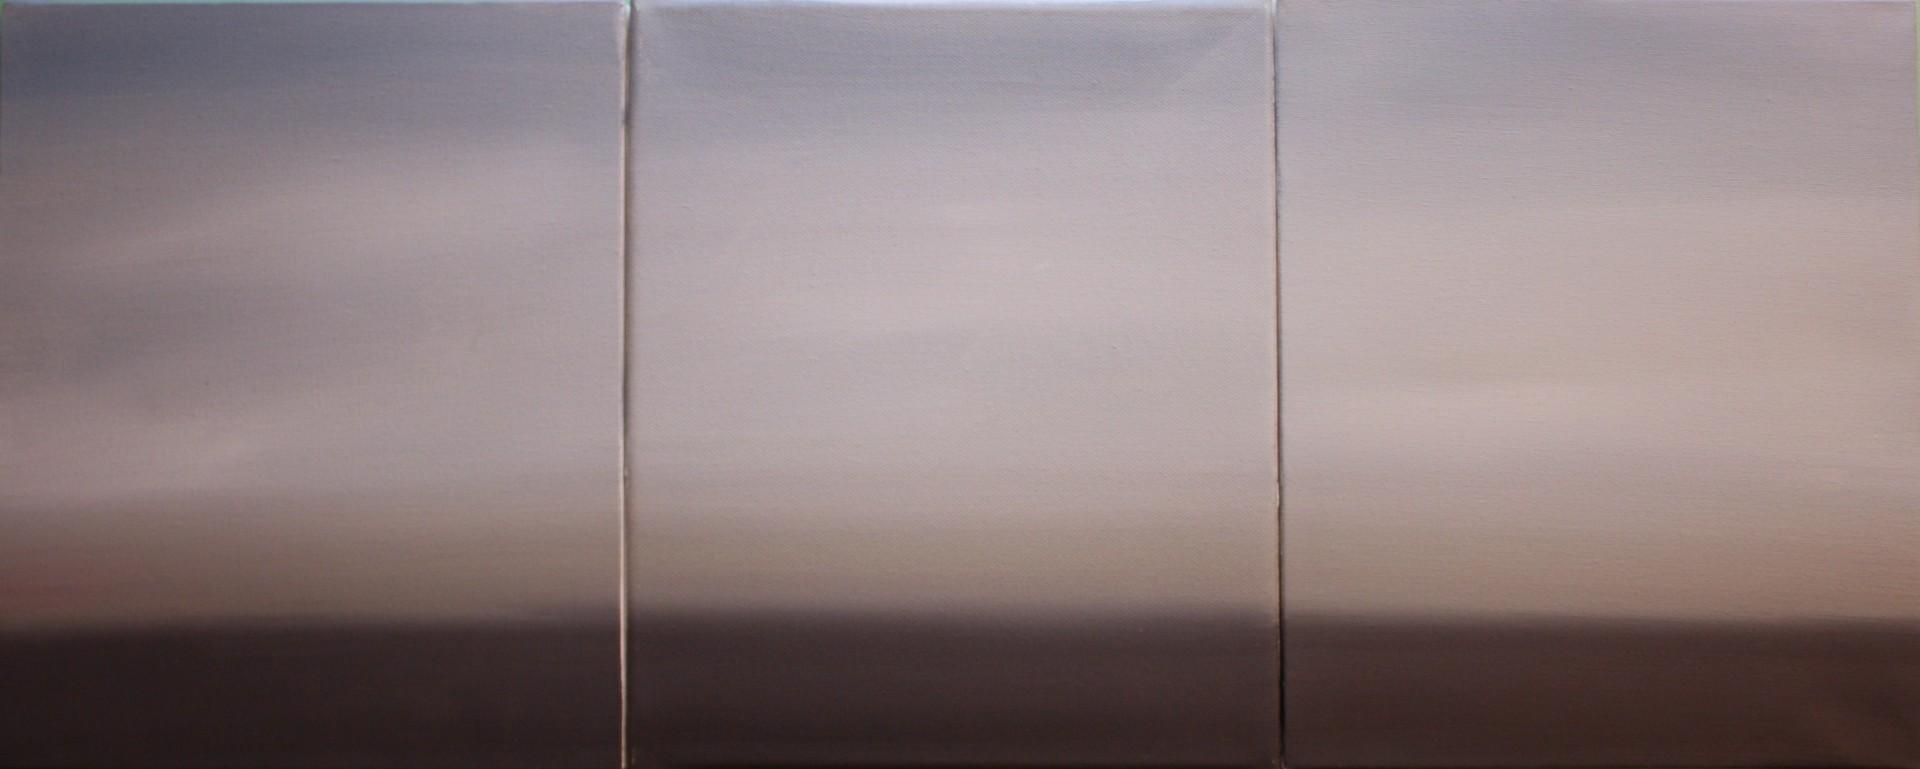 Osteland 1 (2012) 75x30